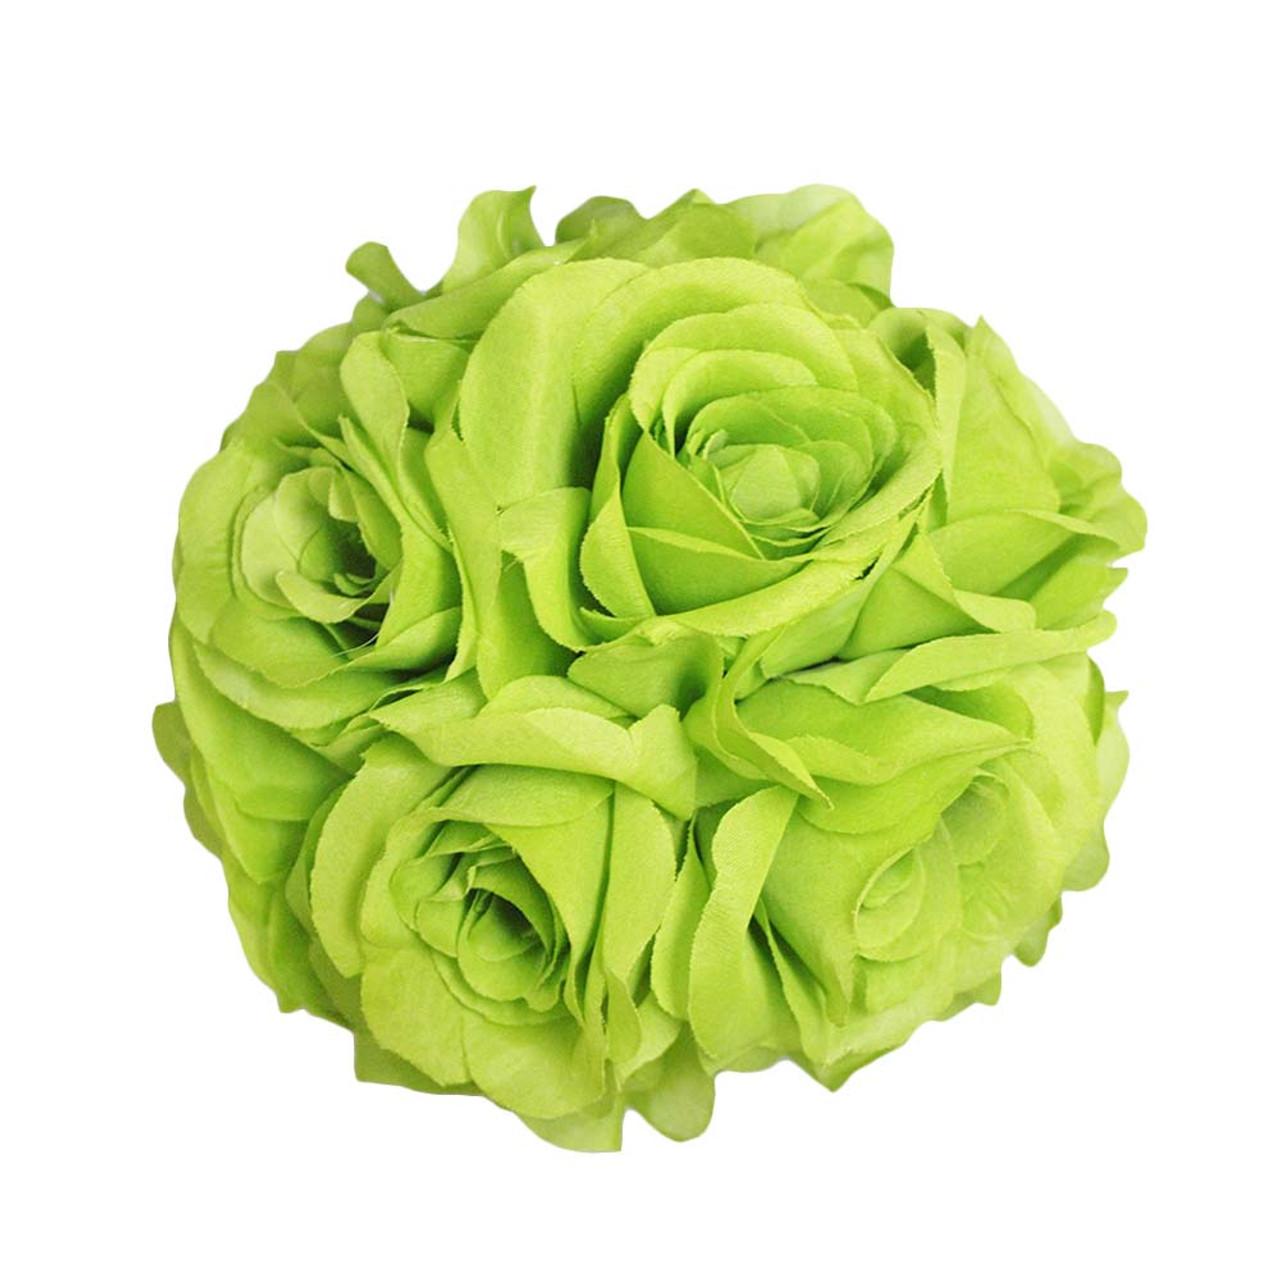 7 5 Apple Green Flower Ball Lo Florist Supplies